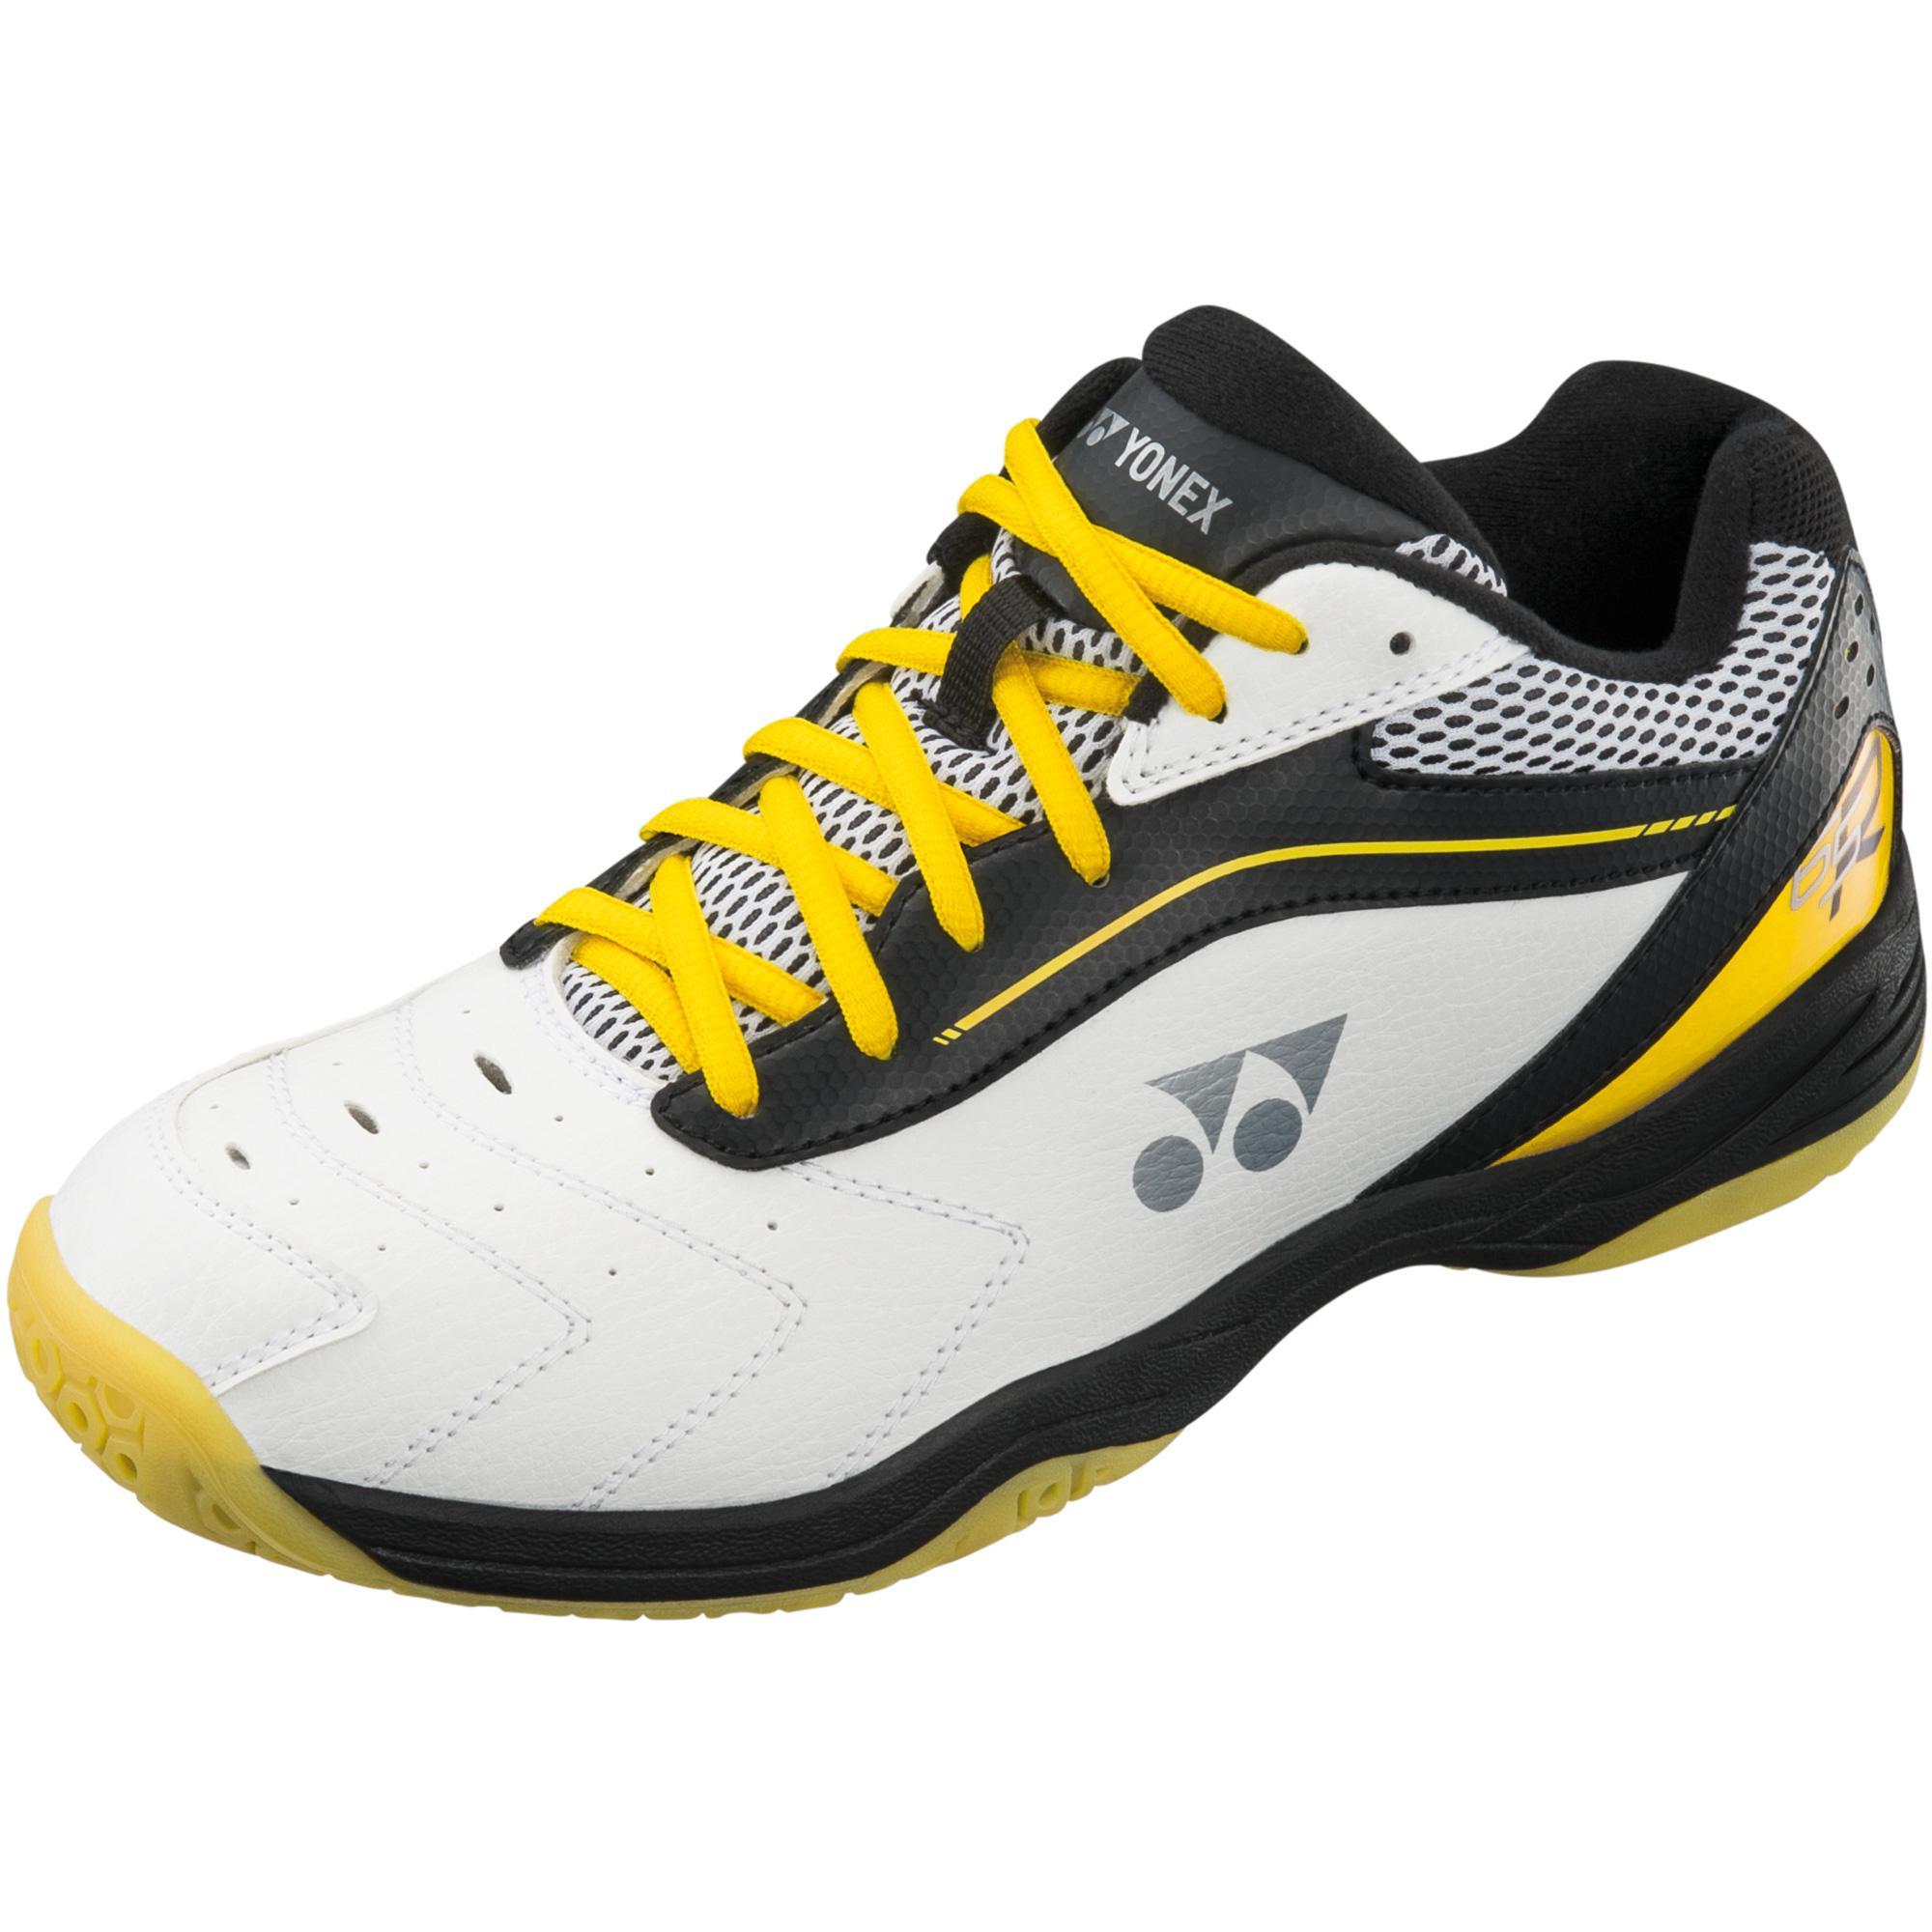 Yonex Mens Power Cushion 65R Badminton Shoes - White Black - Tennisnuts.com b3bfb44d9